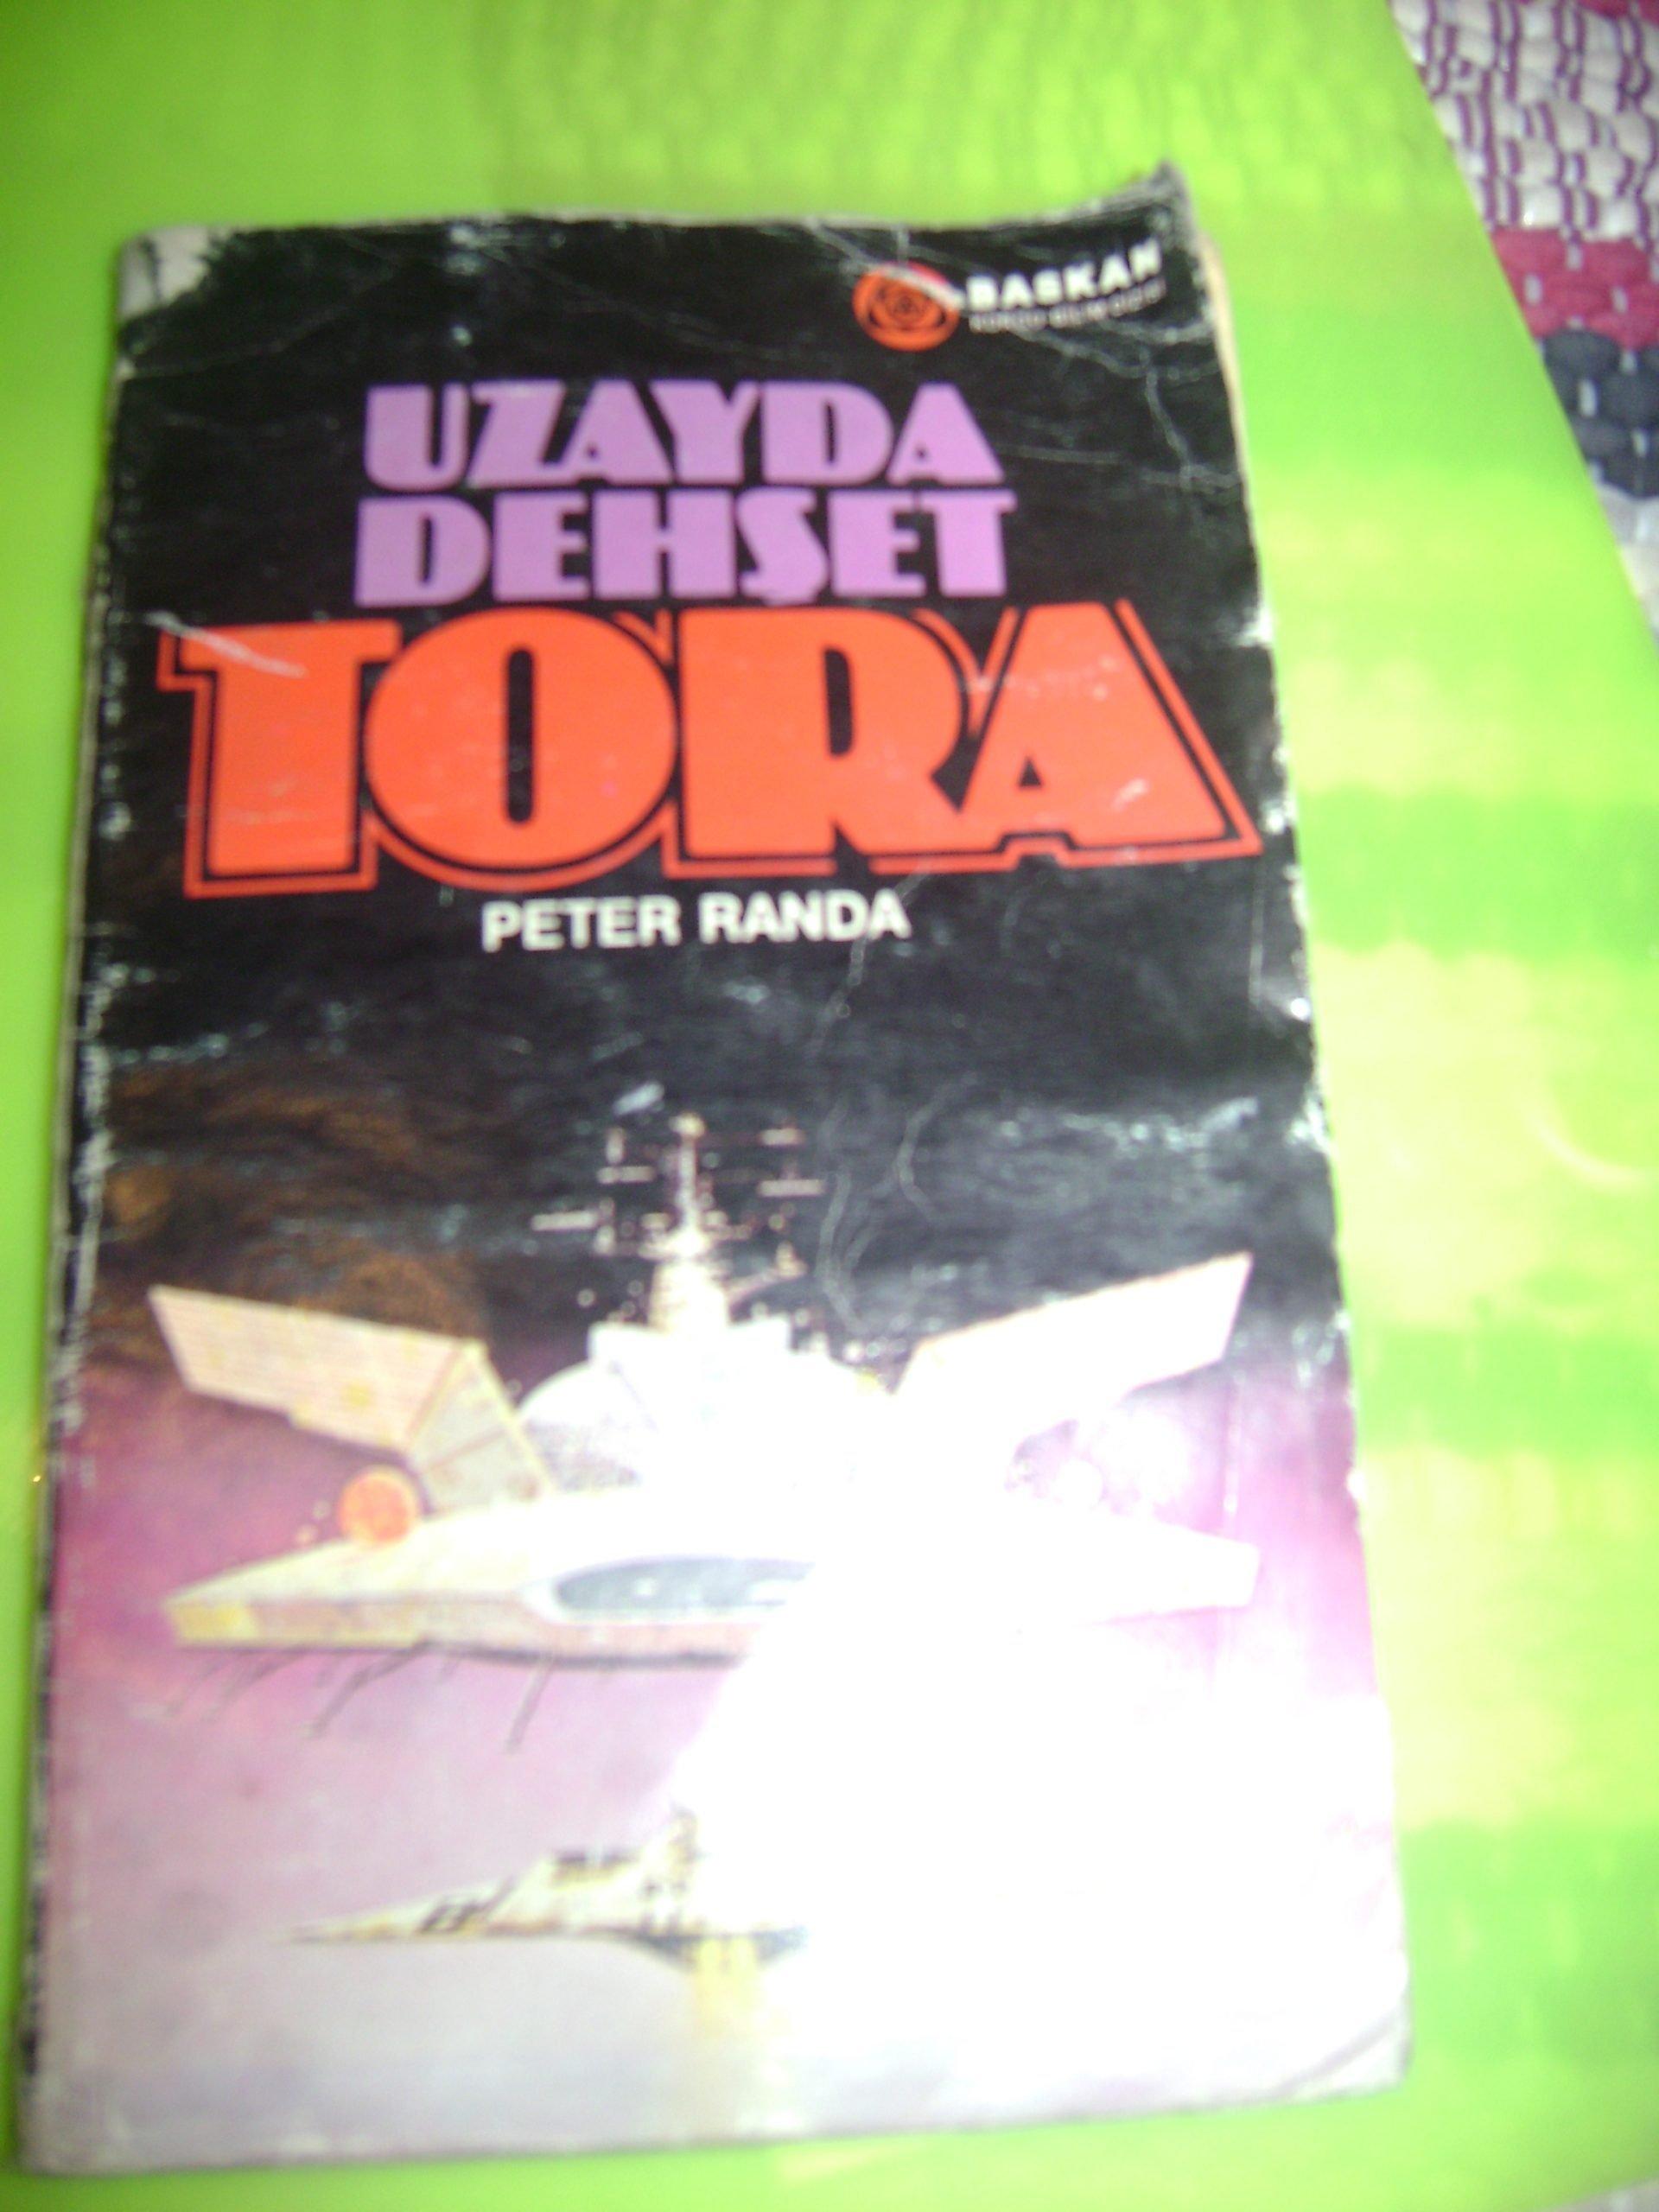 UZAYDA DEHŞET TORA /Peter RANDA/7,5 tl